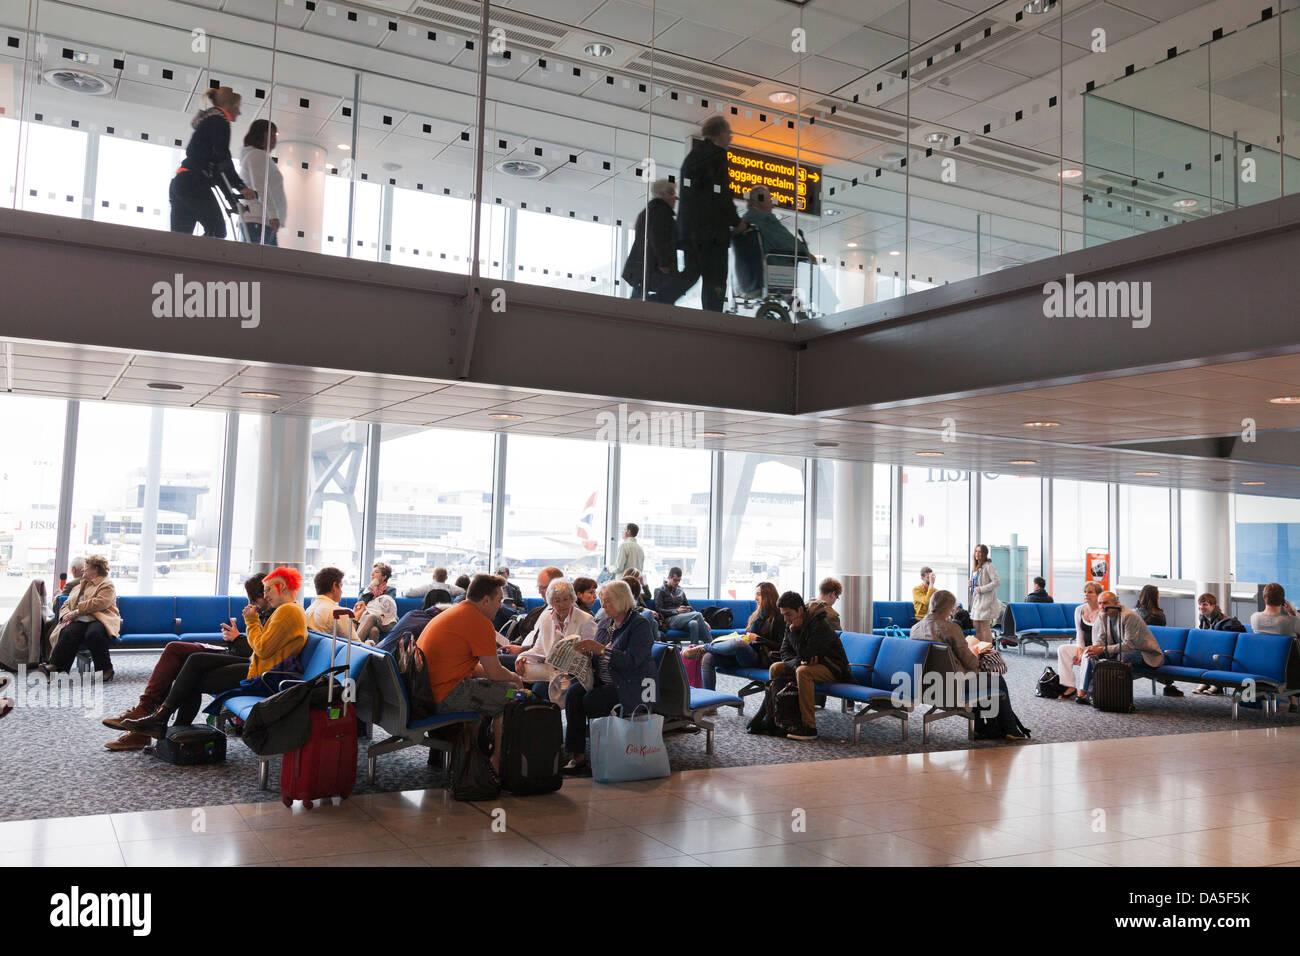 Los pasajeros esperando en el aeropuerto por debajo de pasillo de llegadas Imagen De Stock